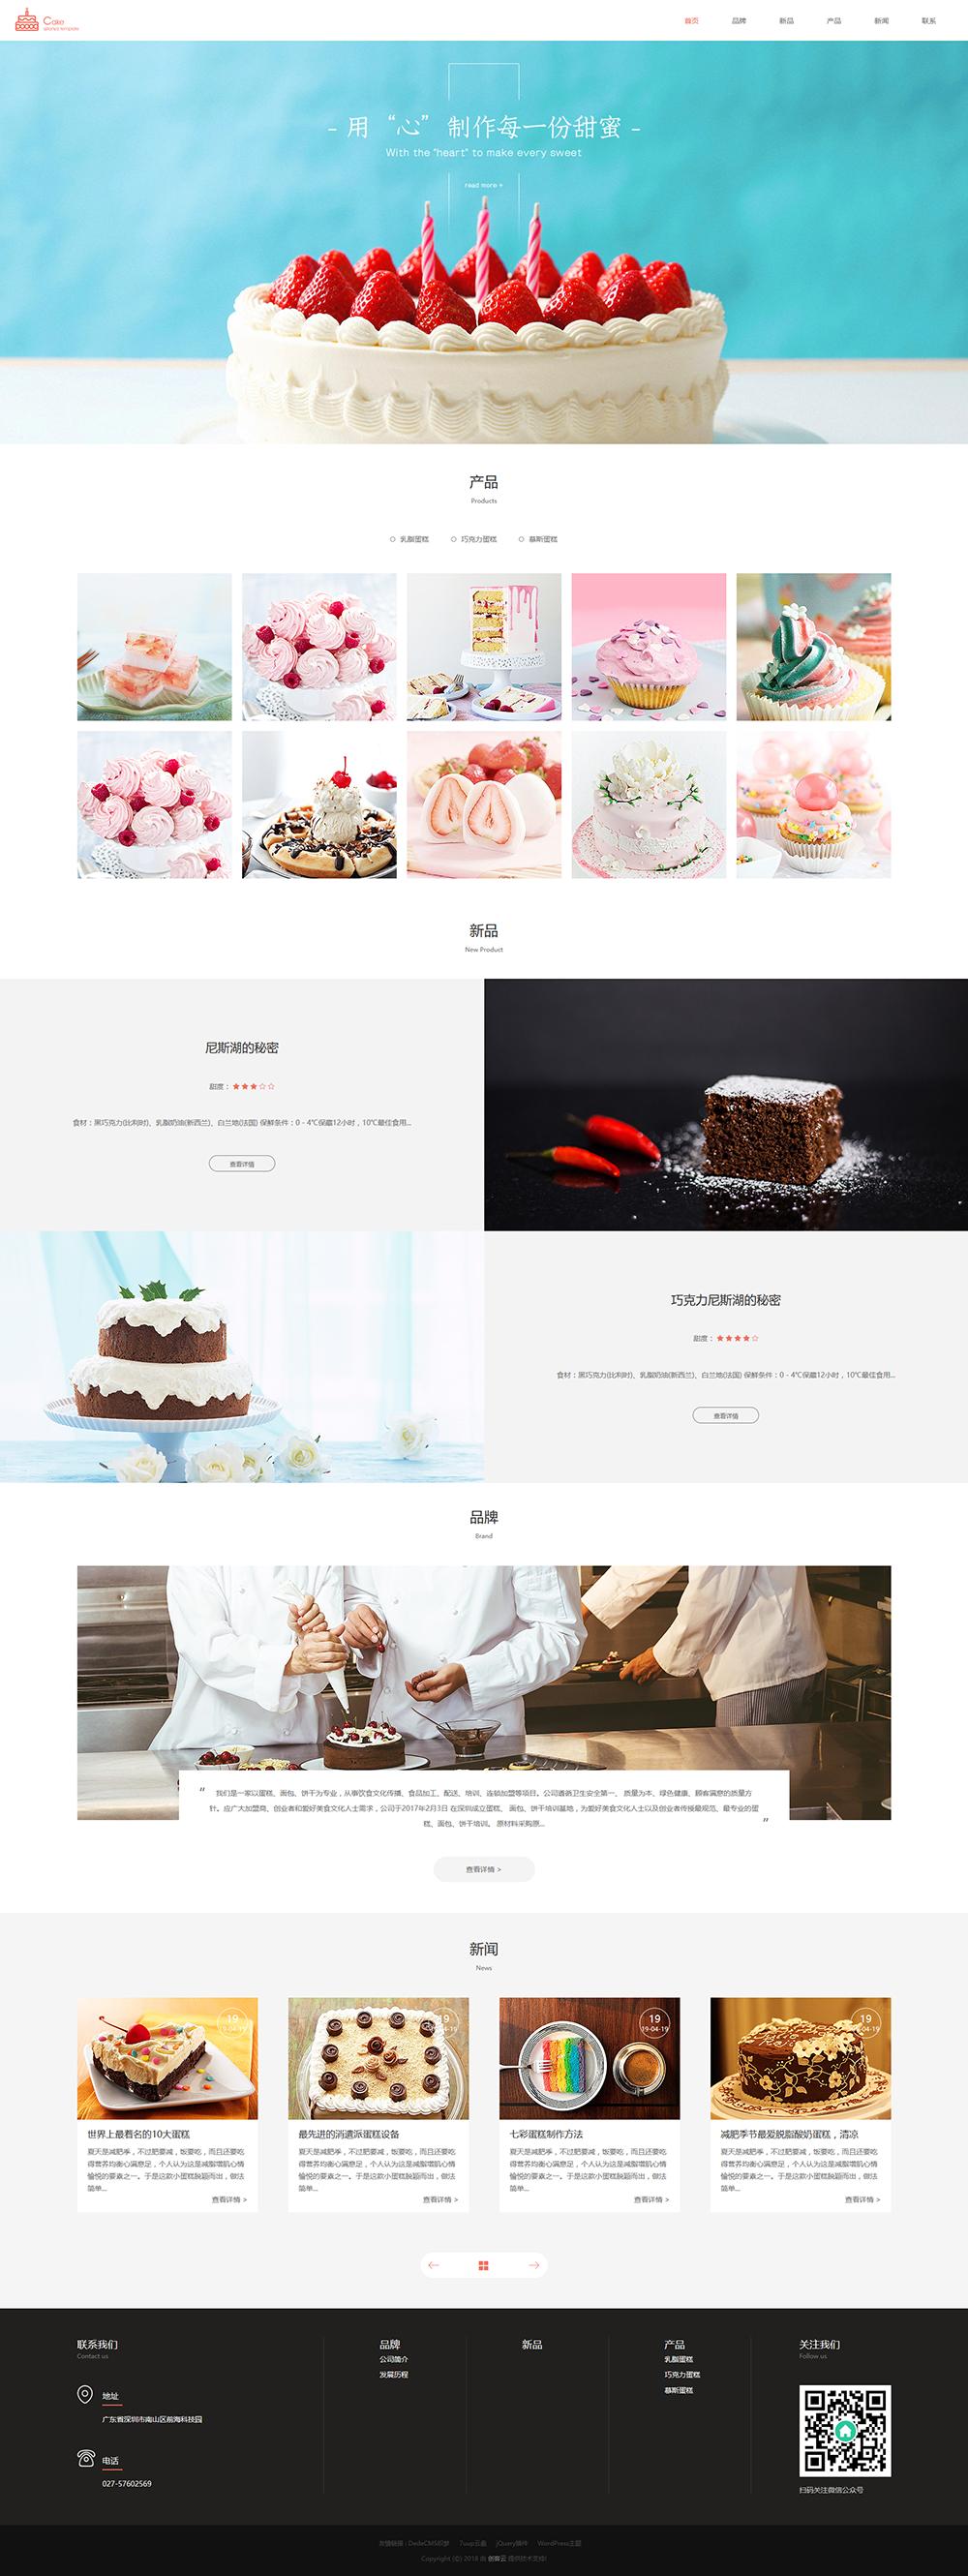 蛋糕甜品烘焙店 DedeCMS 织梦模板